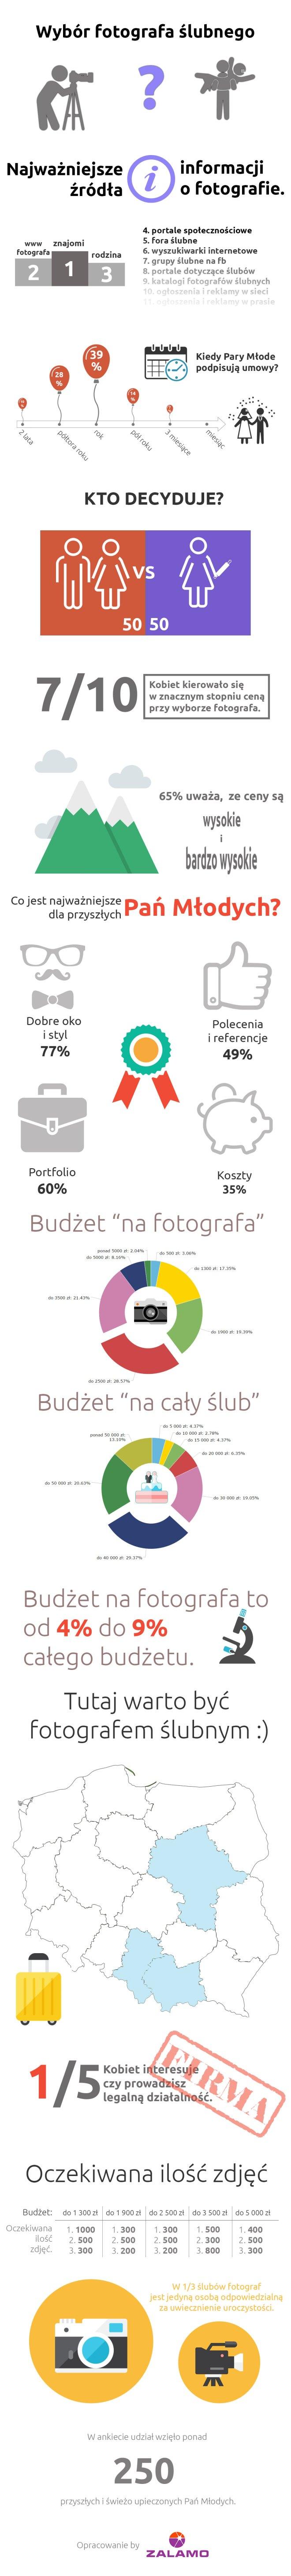 Co decyduje o wyborze fotografa